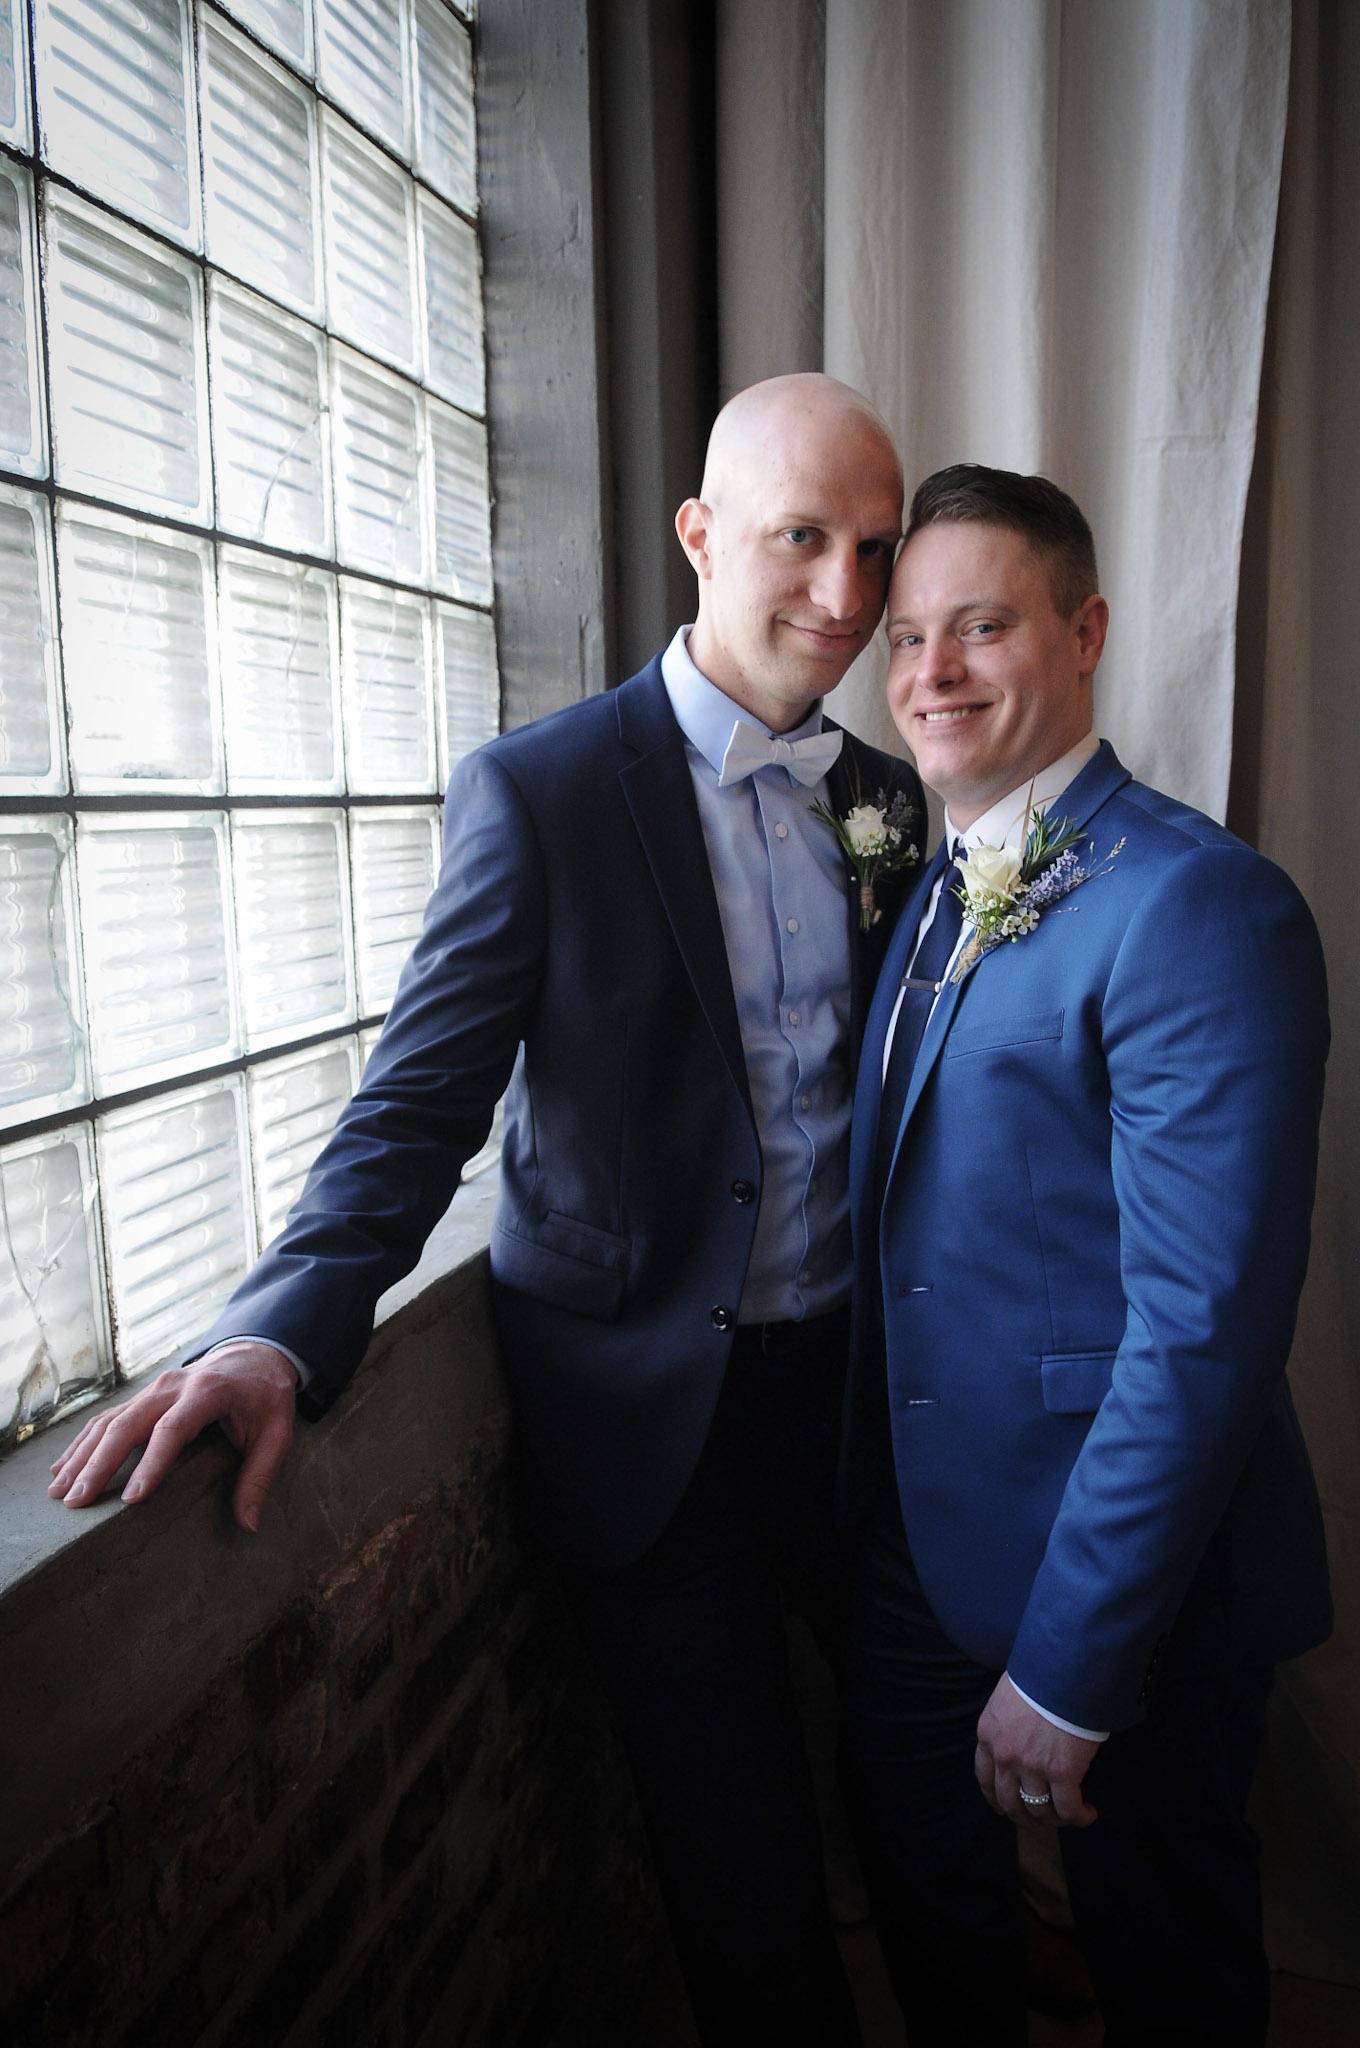 Kansas_City_Small_Intimate_Budget_Wedding_Venue_IMG_7521.jpg